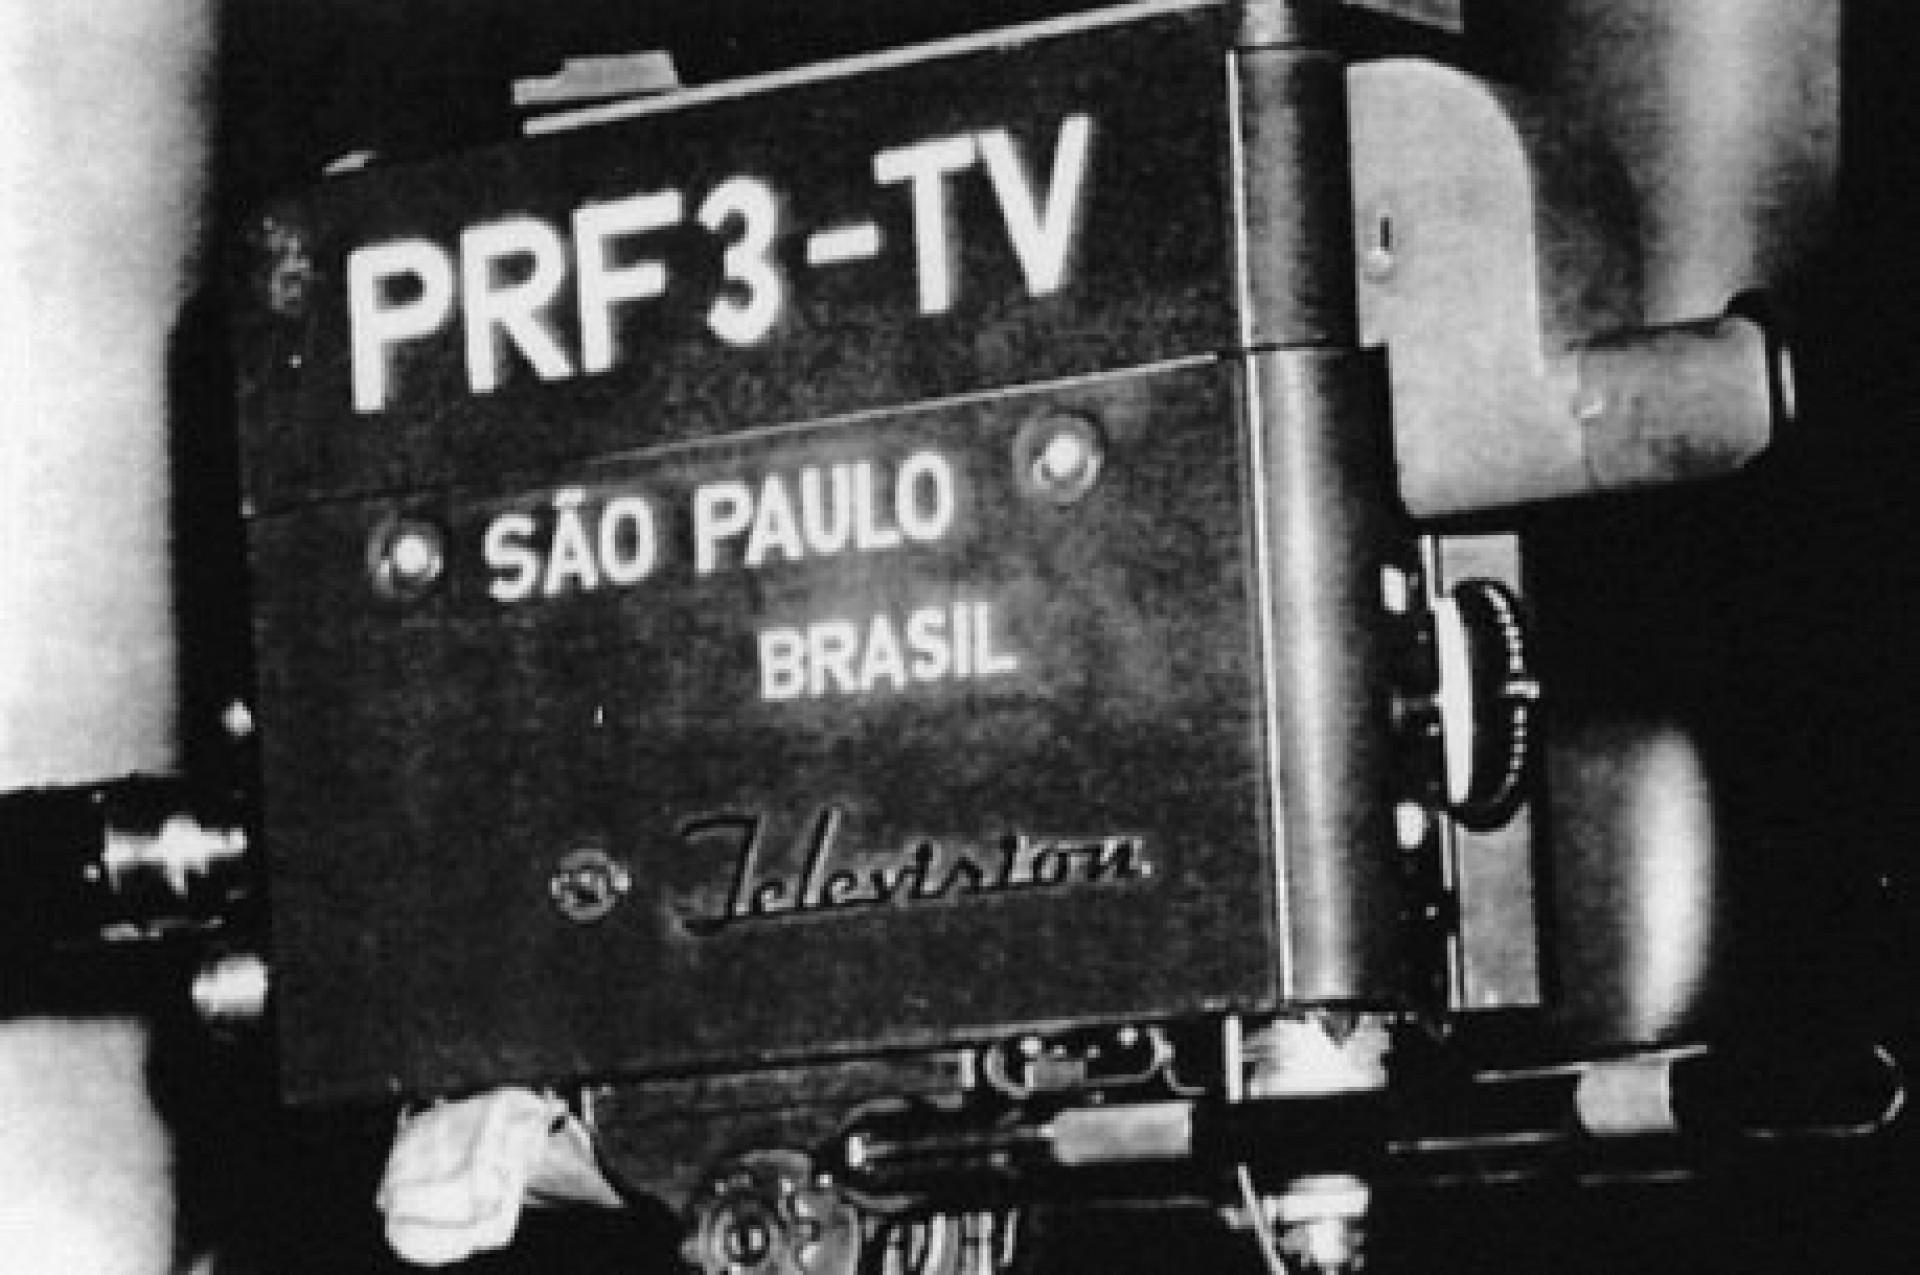 70 anos de TV no Brasil: relembre curiosidades da história do veículo | Divirta-se - O POVO - Notícias de Entretenimento, Horóscopo